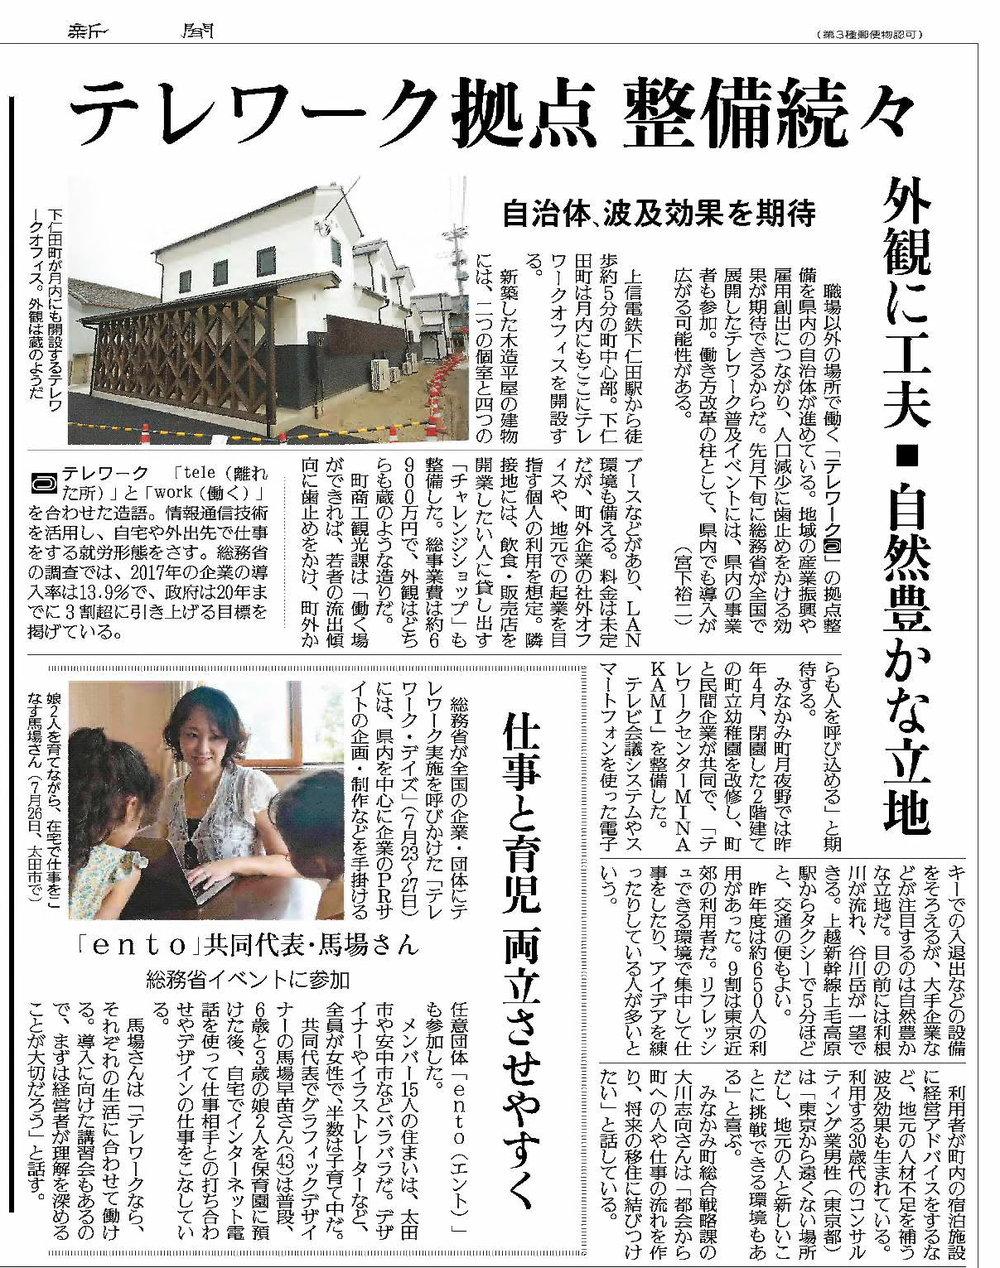 テレワーク読売記事.jpg